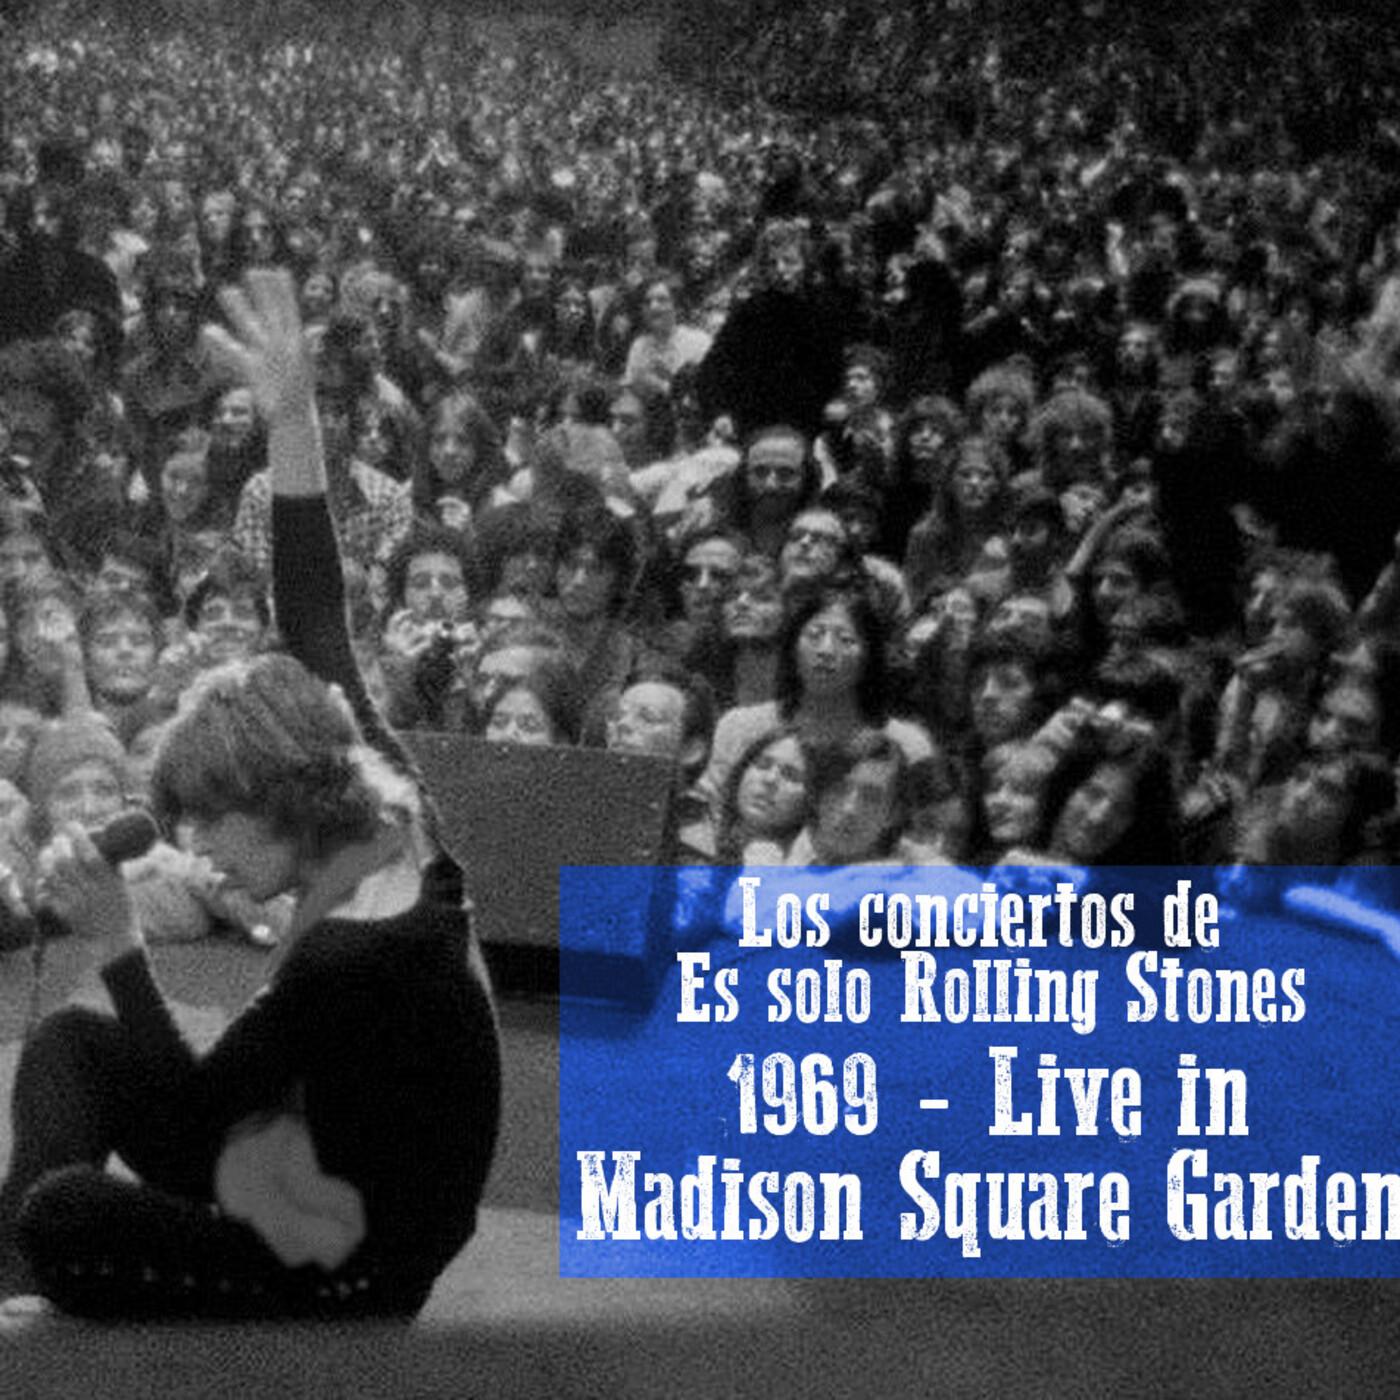 MADISON SQUARE GARDEN 1969 - Los conciertos de Es solo Rolling Stones